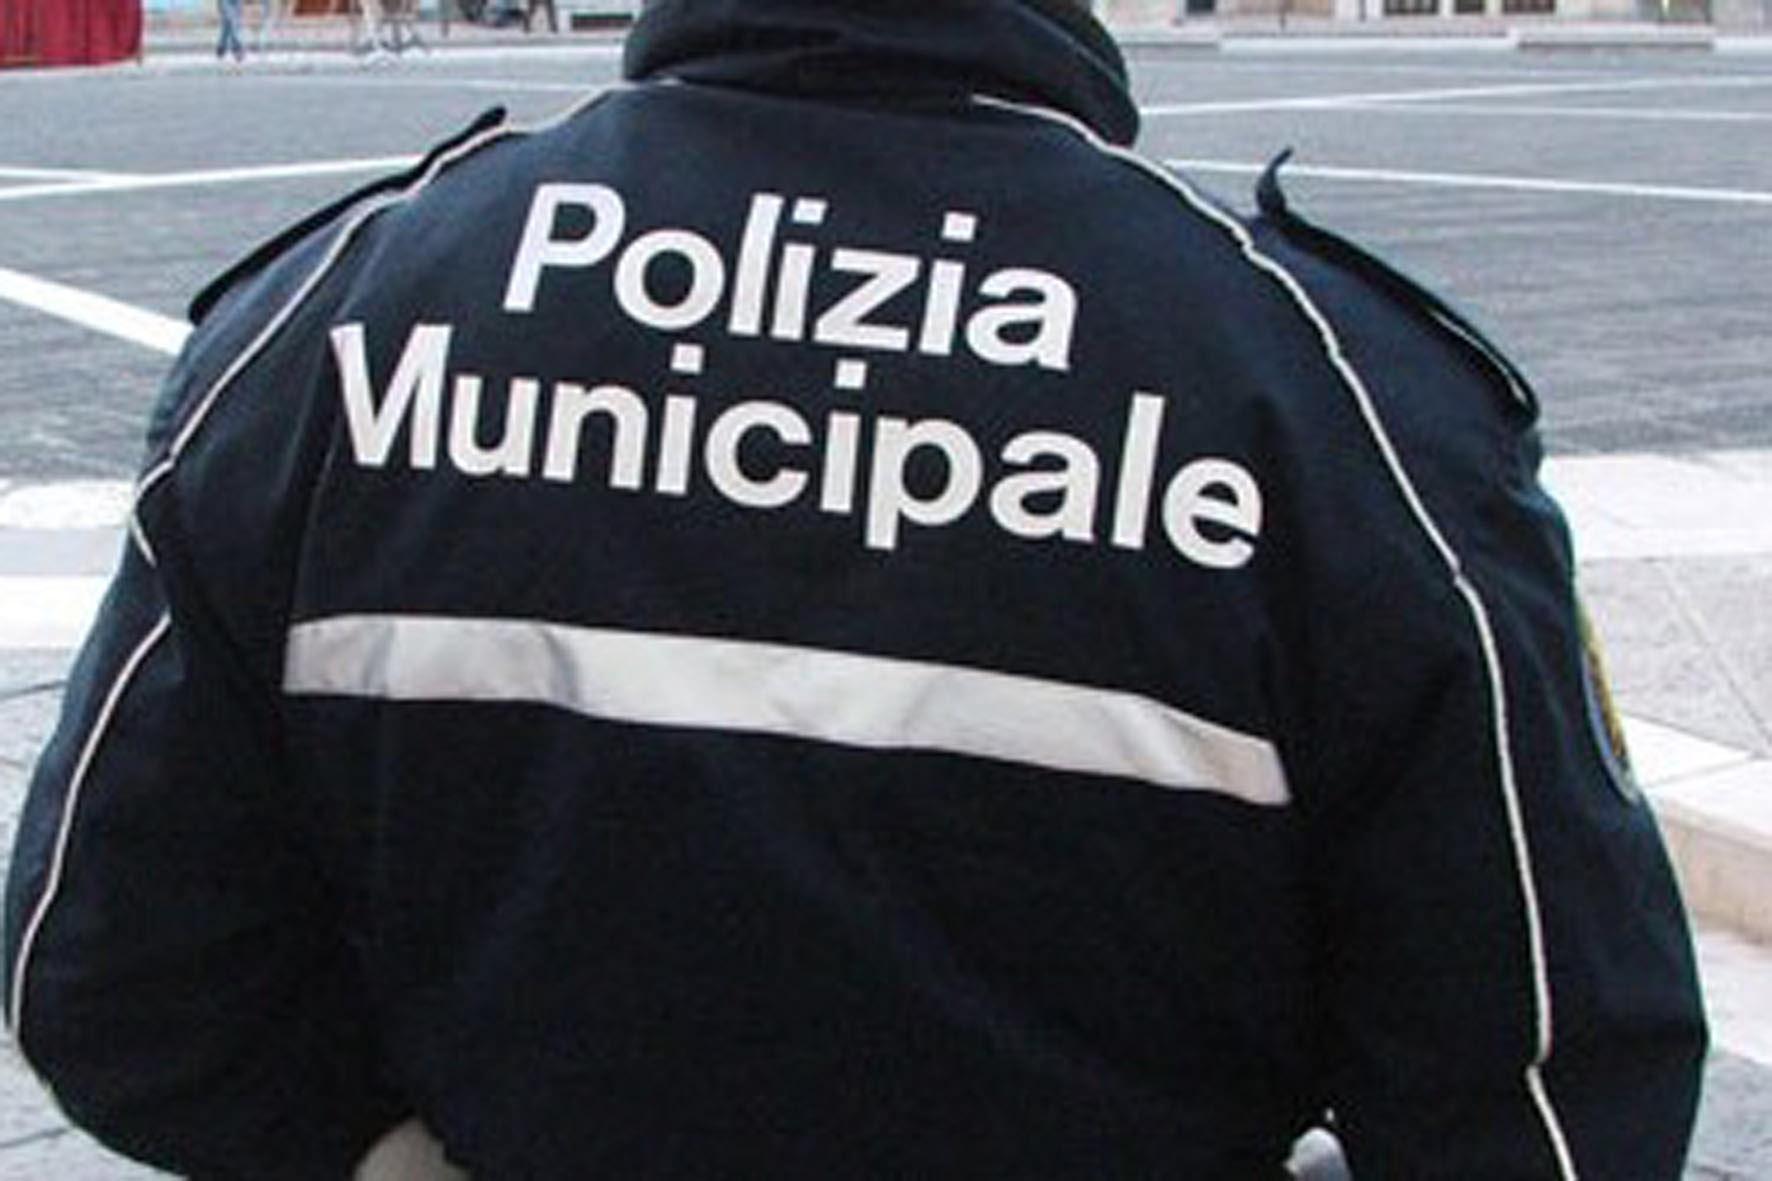 Polizia Municipale di Cortona: attività dell'anno 2014